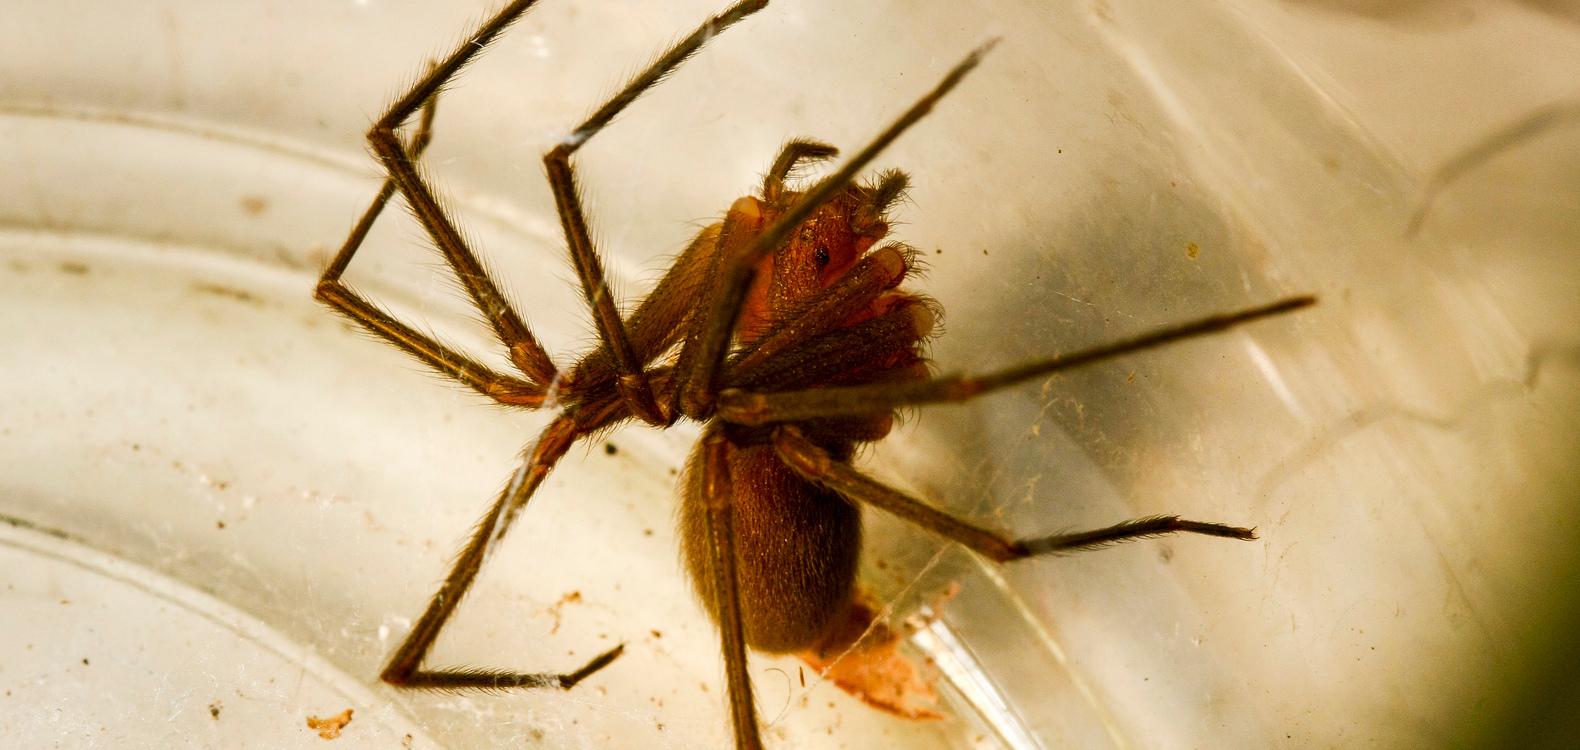 Araña de rincón (Loxosceles laeta) | Mauricio Arriagada (CC) Flickr